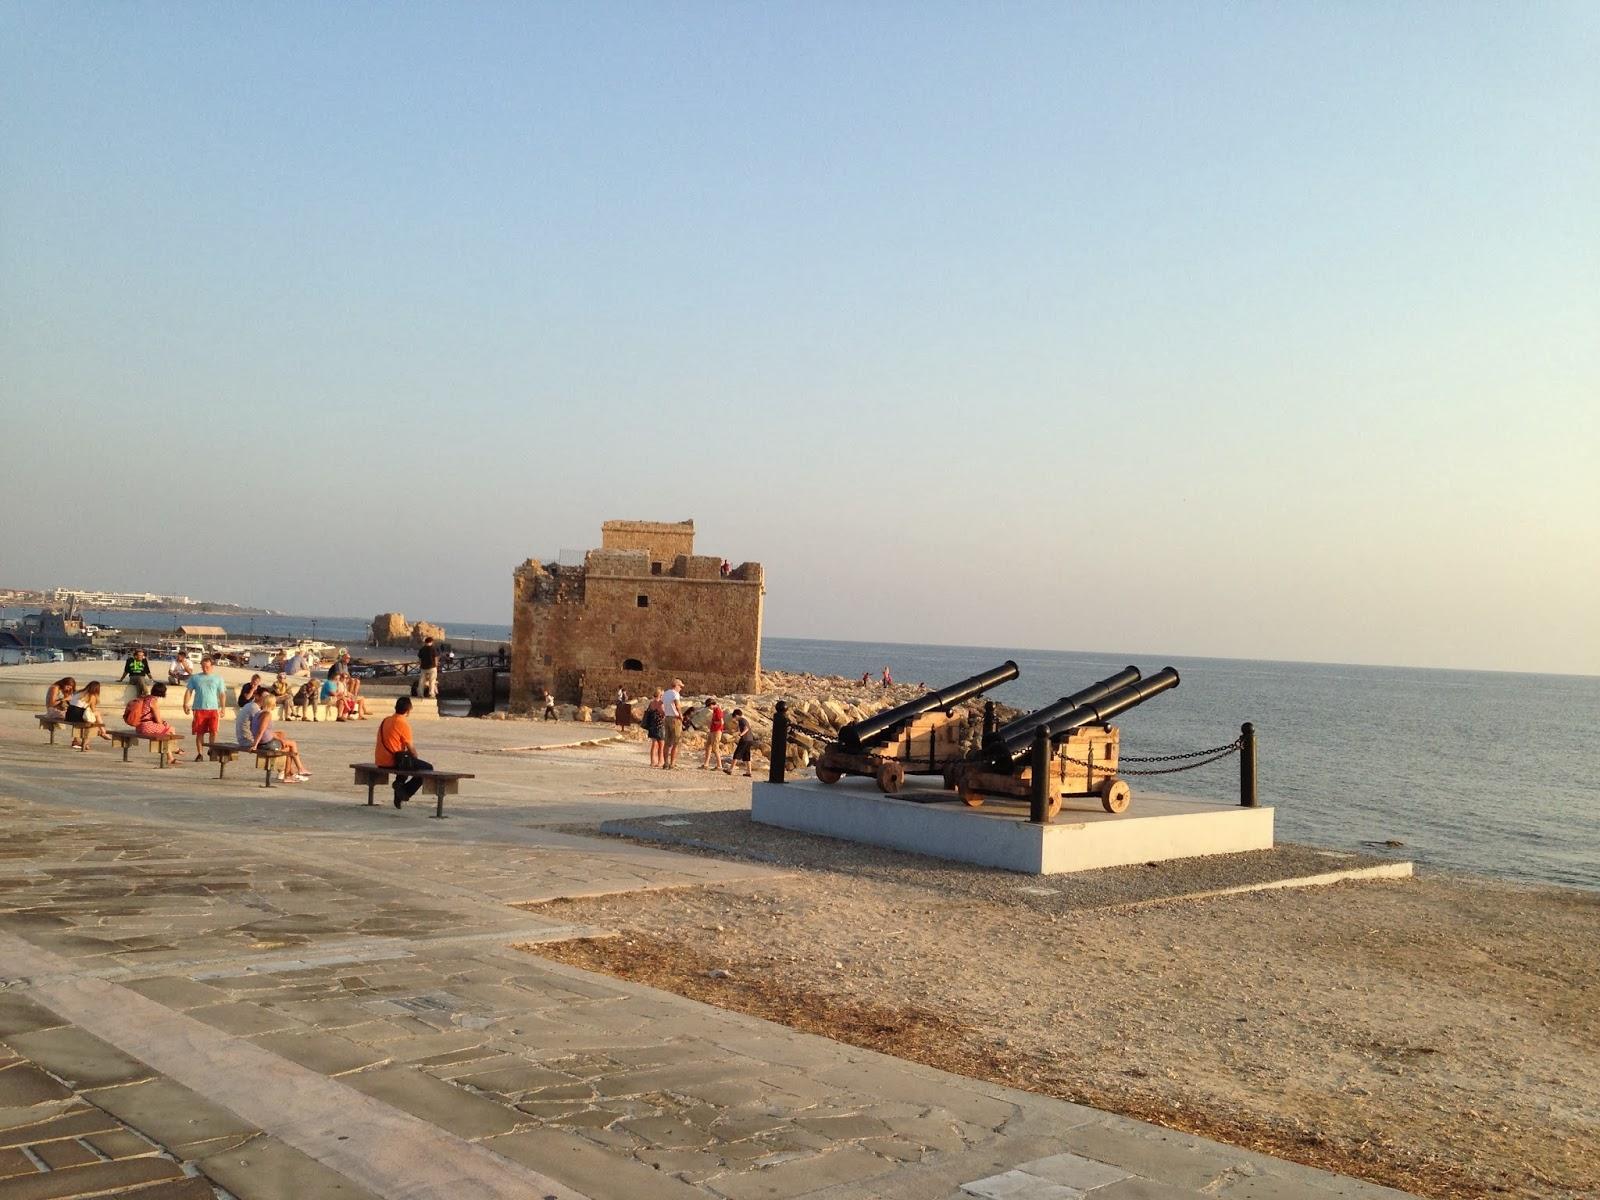 Пляж кефалос пафос фото